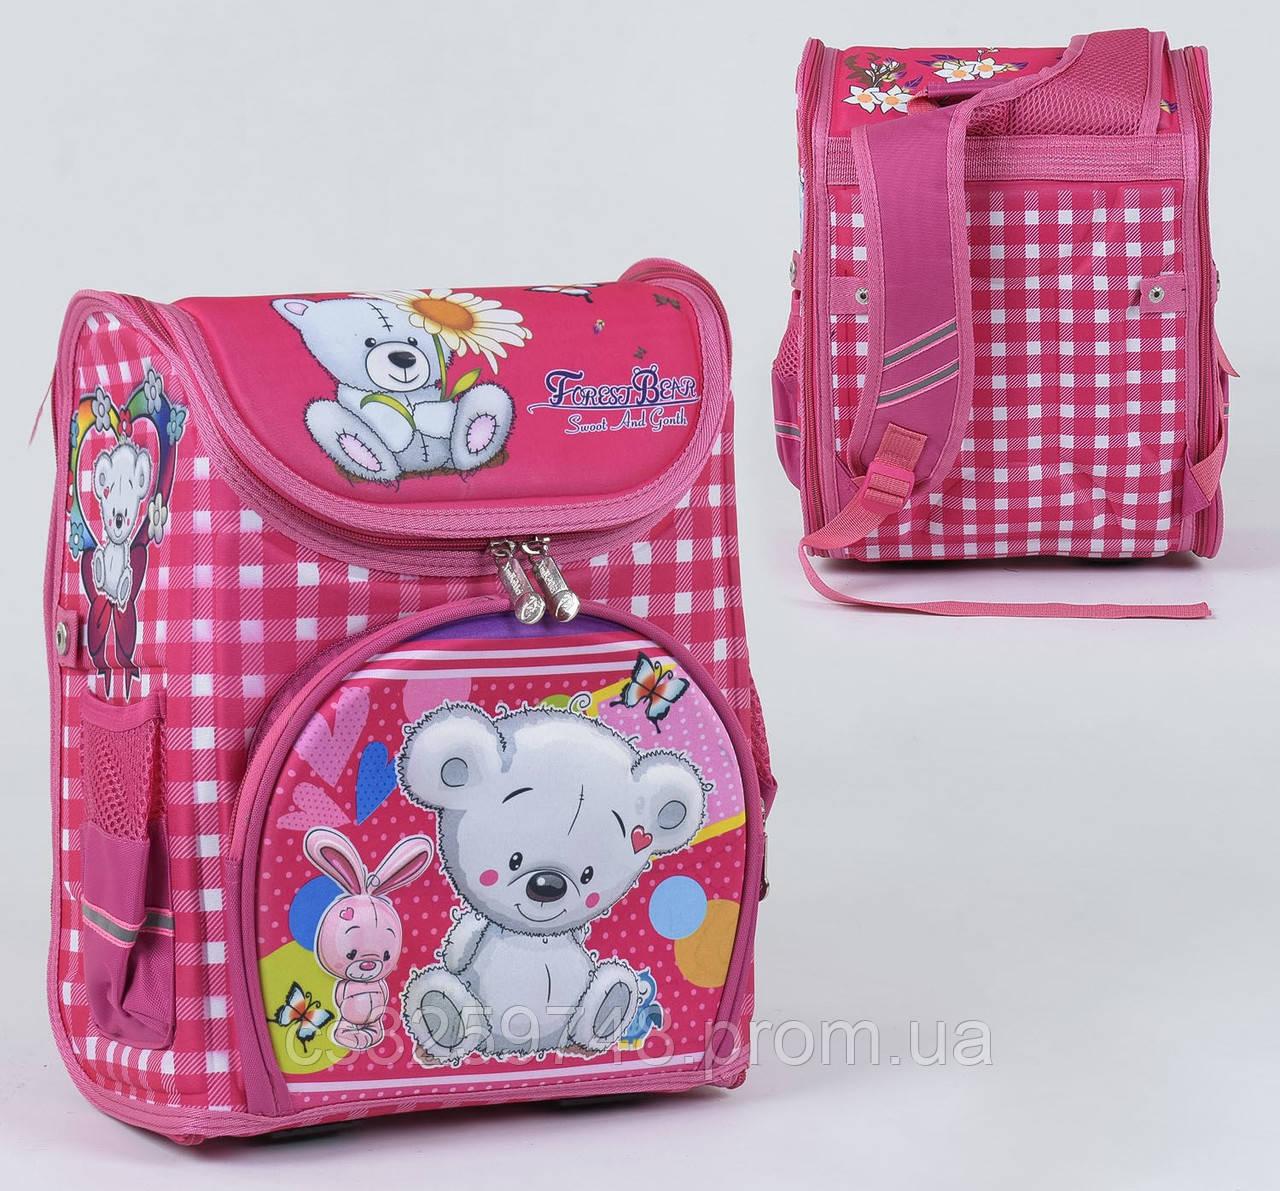 Школьный каркасный рюкзак С 36164 с ортопедической спинкой на 1 большое отделение и 3 кармана, 3D принт